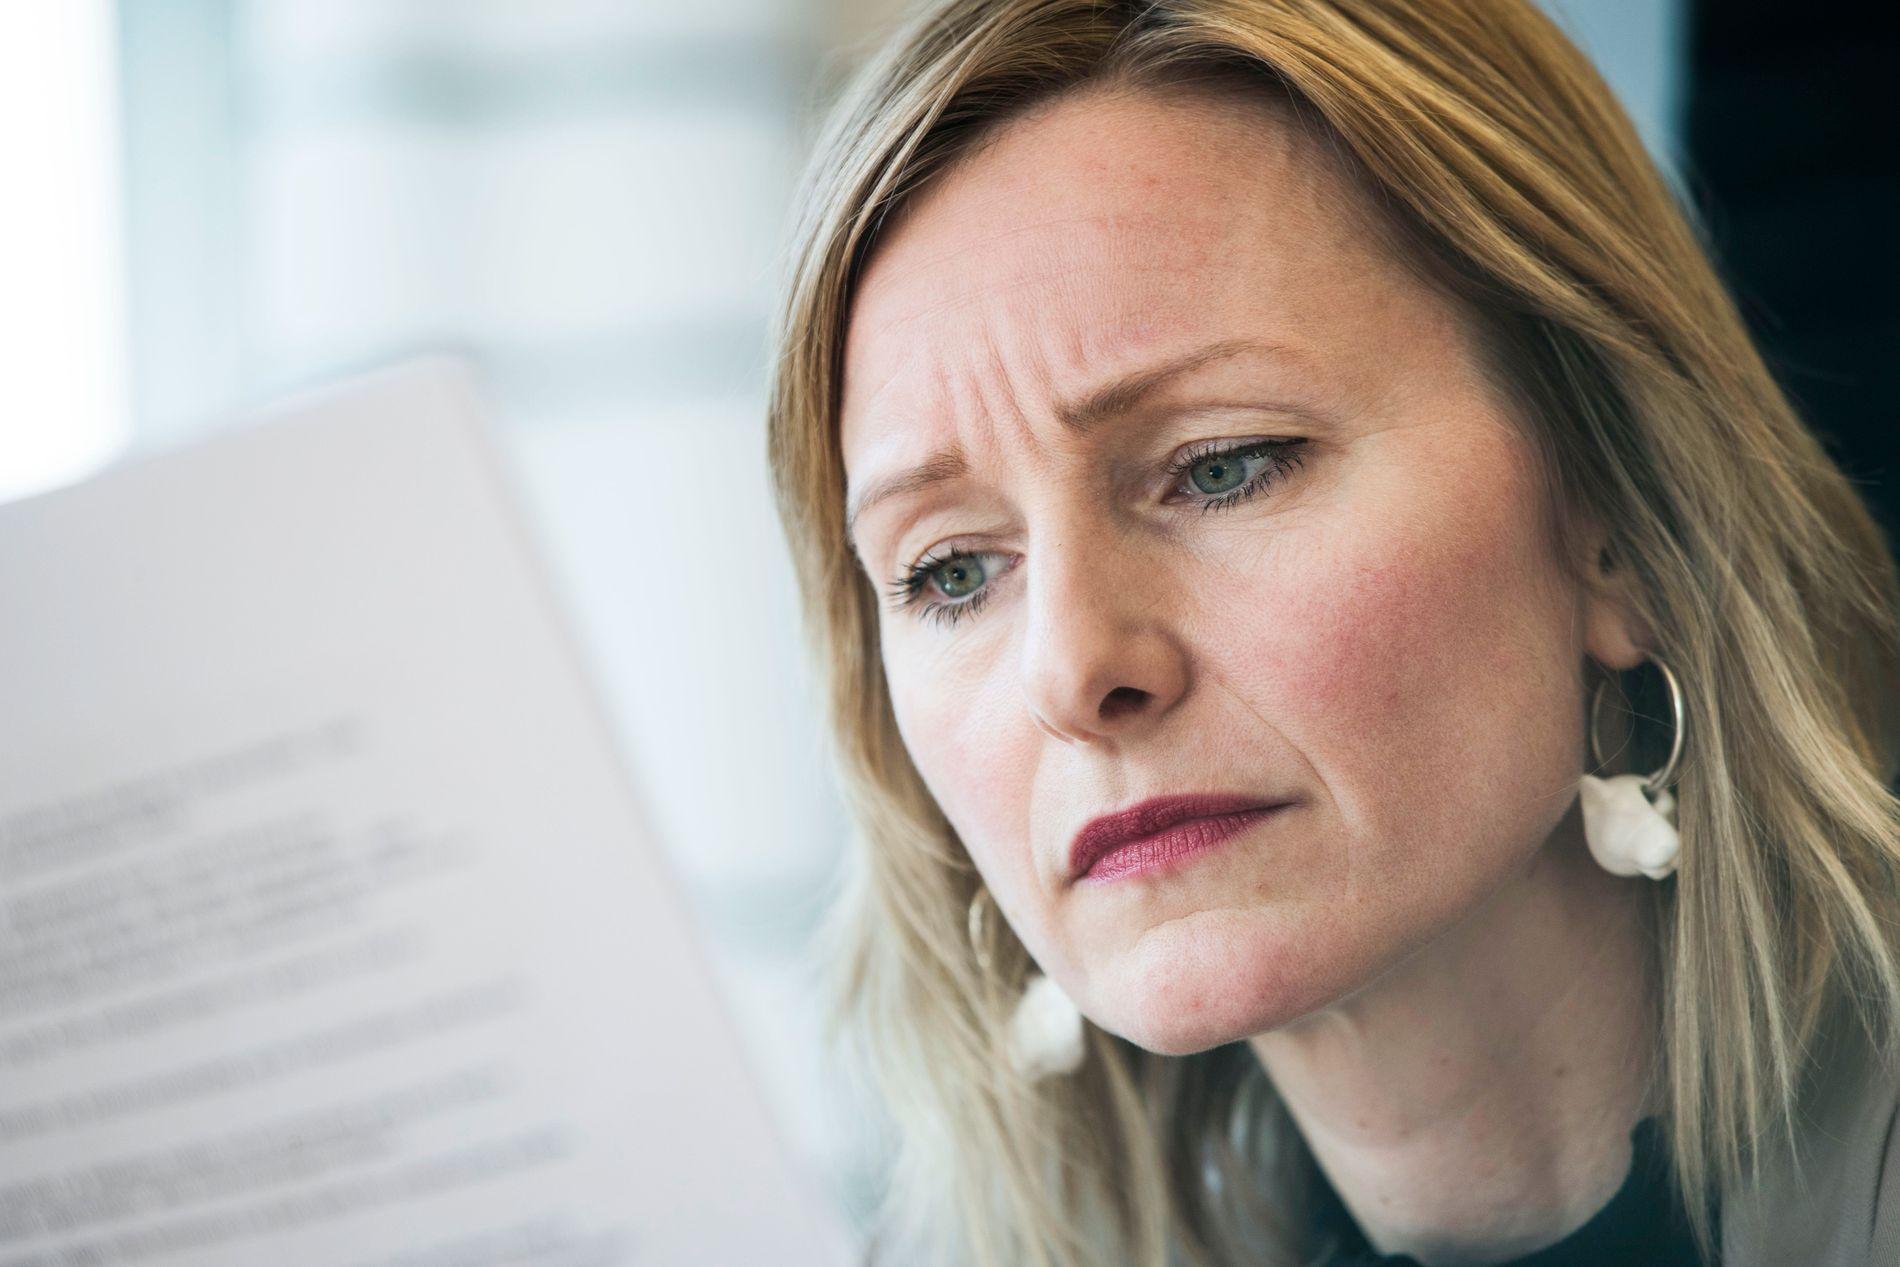 IKKE KJENT MED INNHOLDET: Inga Marte Thorkildsen er ikke kjent med innholdet i varselet som skal ha kommet mot henne utenom hva Aftenposten har gjengitt.